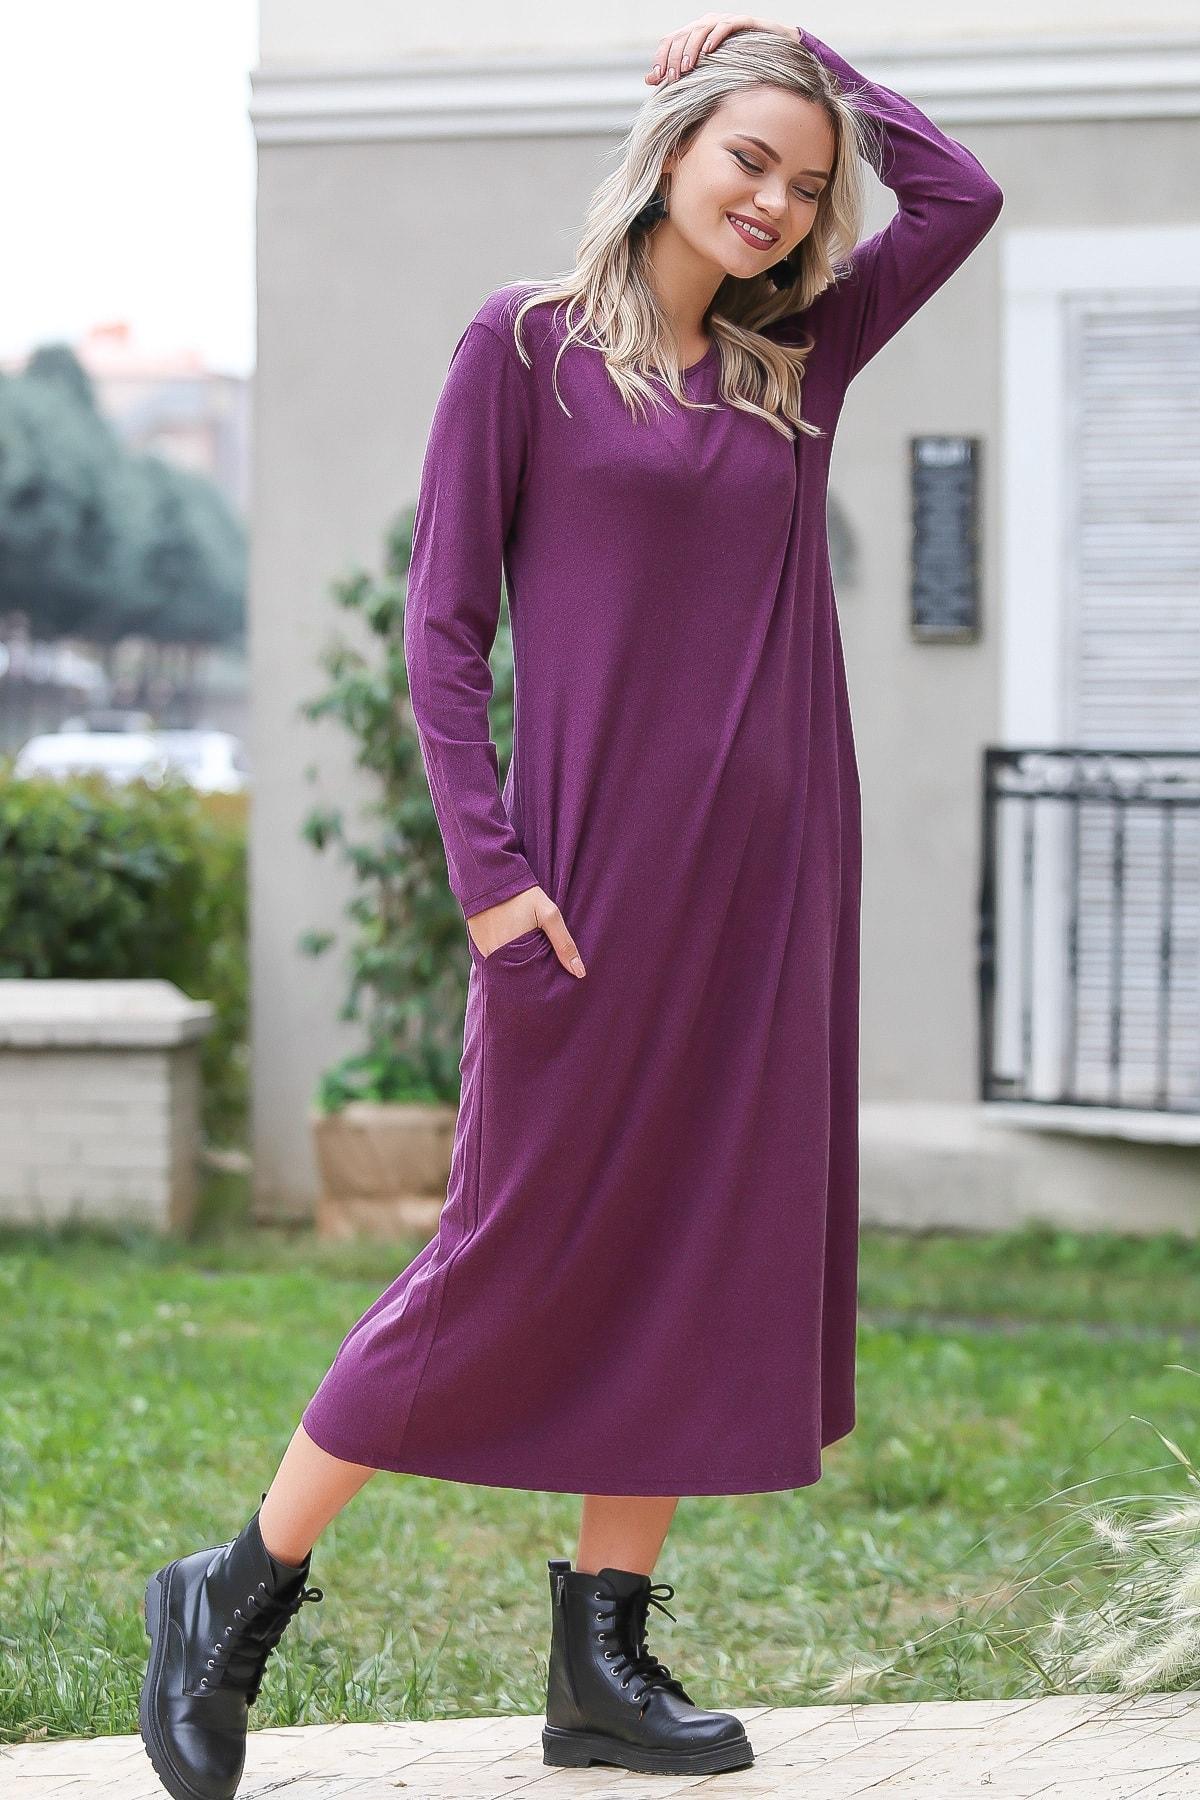 Chiccy Kadın Fuşya Casual Gizli Cepli Yumoş Elbise C10160000EL96084